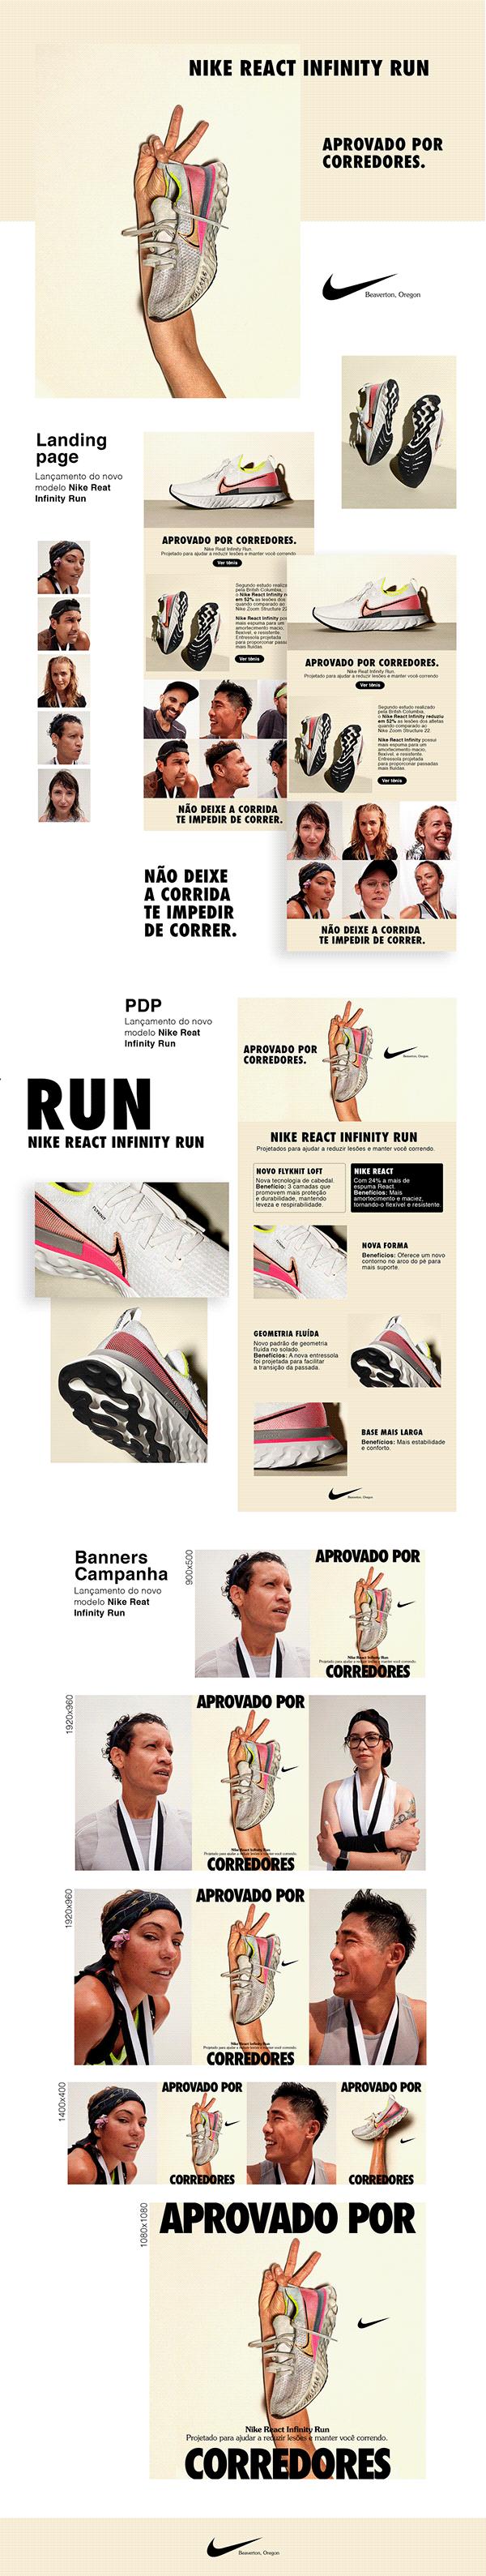 Lançamento do novo modelo - Nike React Infinity Run